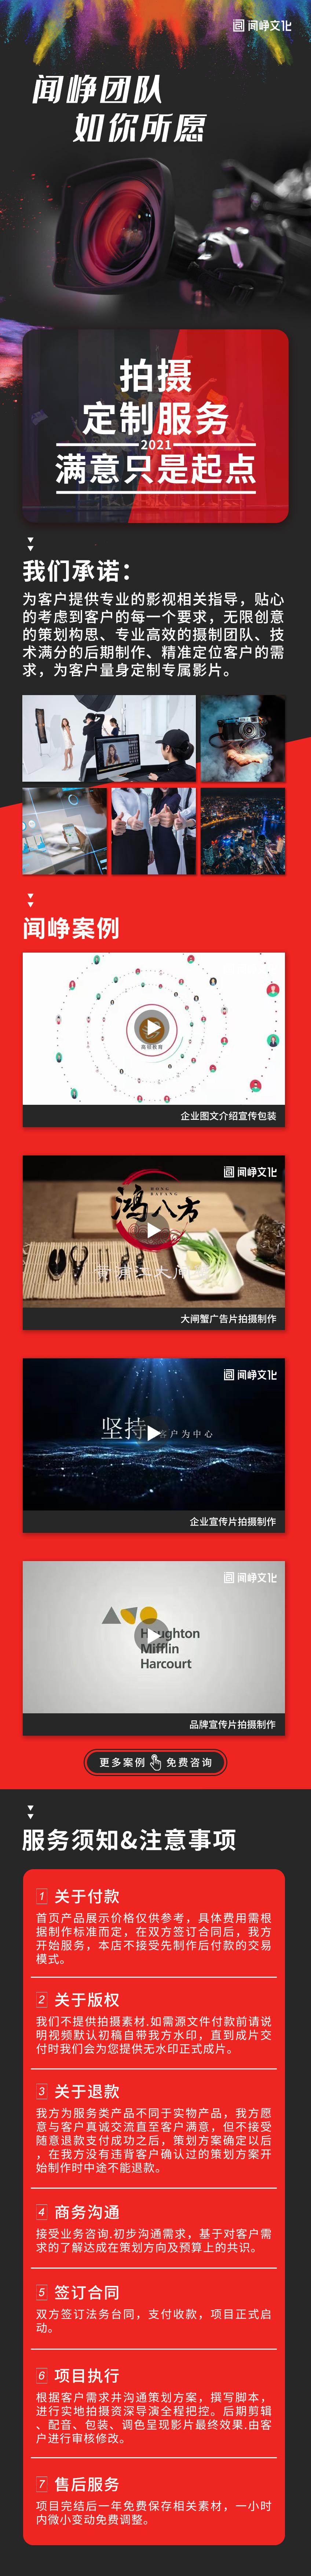 _企业产品广告宣传短片配音影视频后期剪辑合成特效果淘宝拍摄定制1